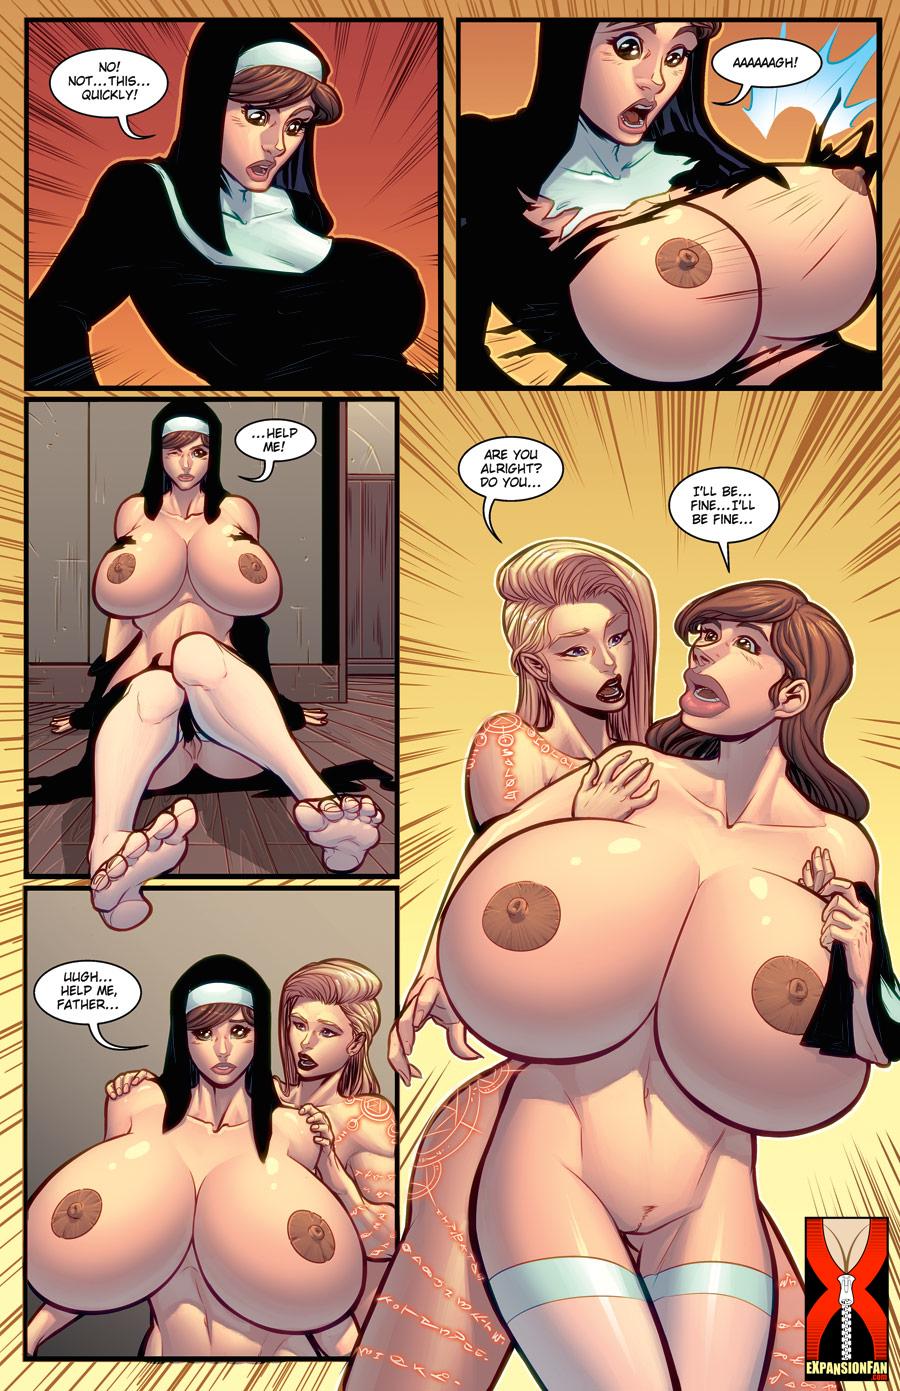 Nun Breaking The Habit by expansion-fan-comics